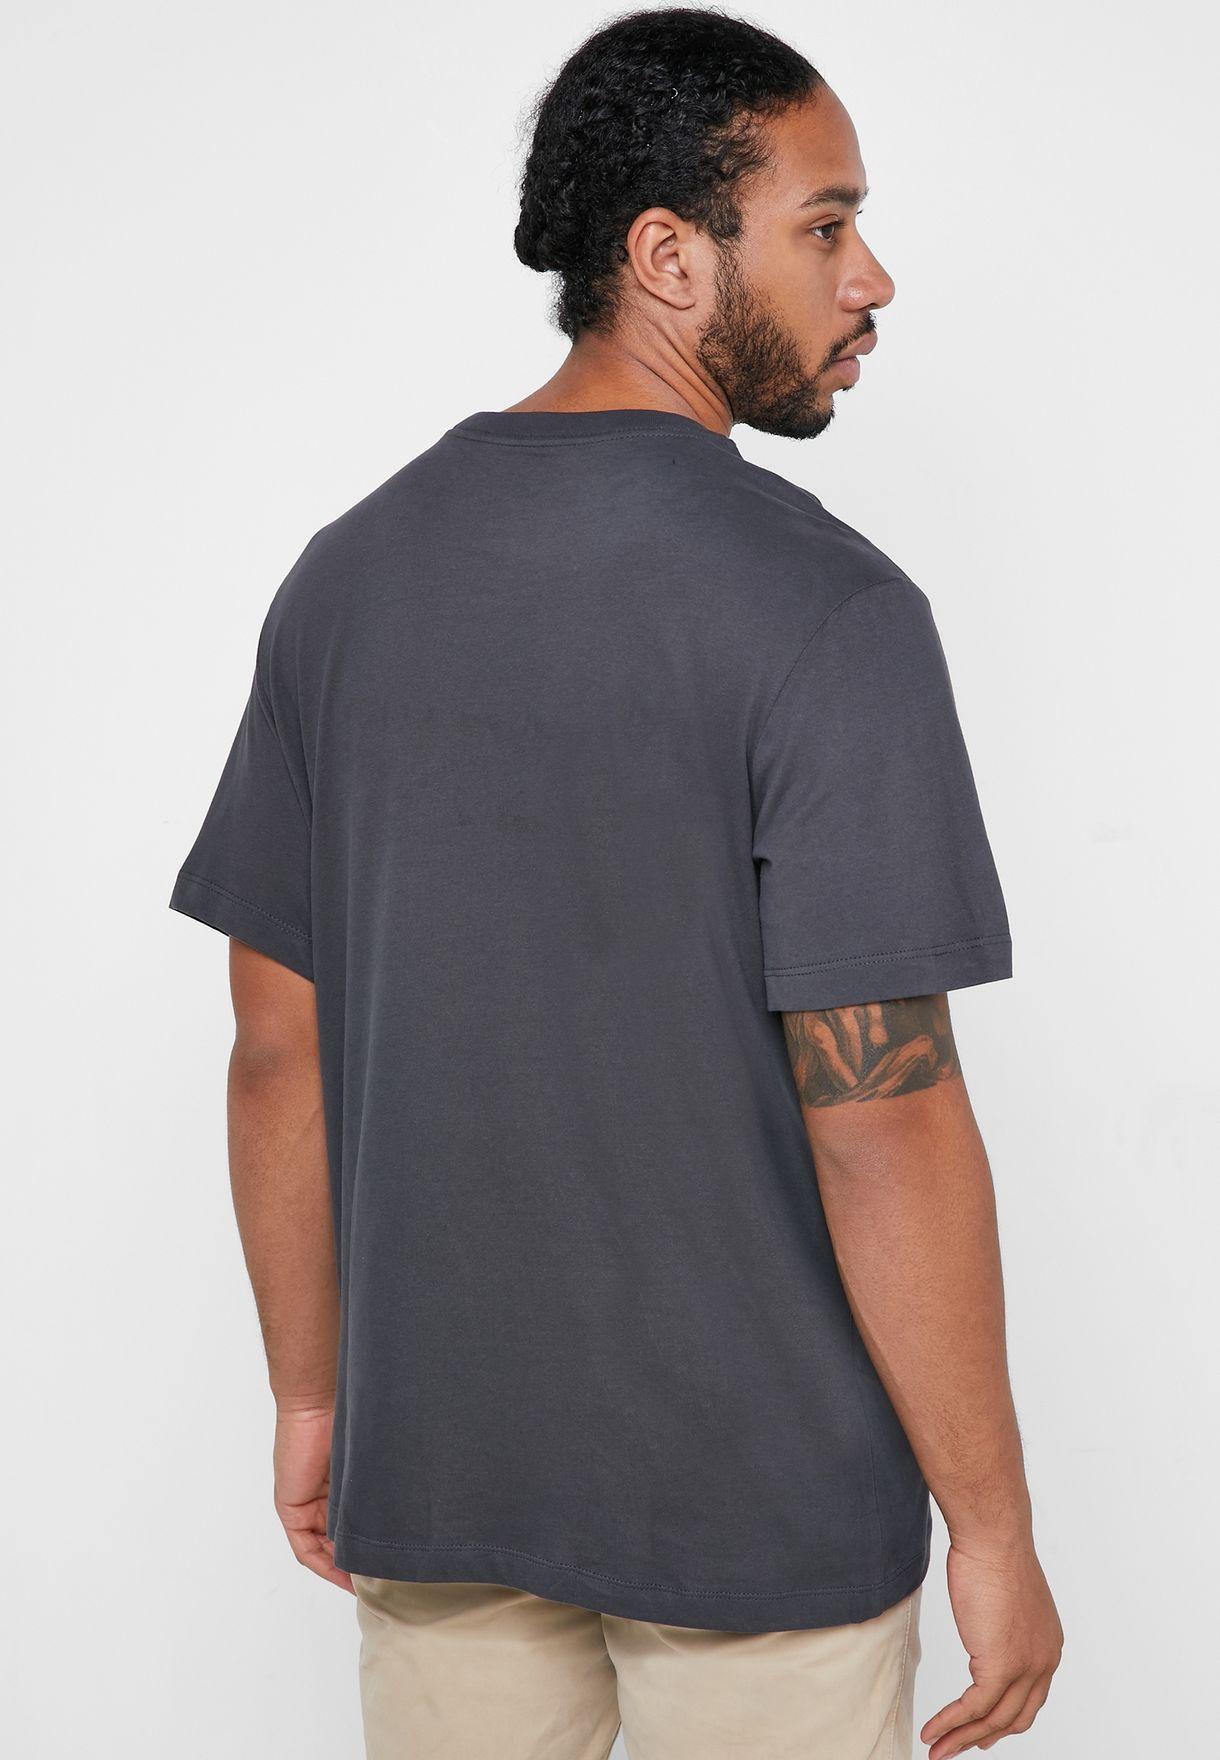 F.C. Seasonal Block T-Shirt